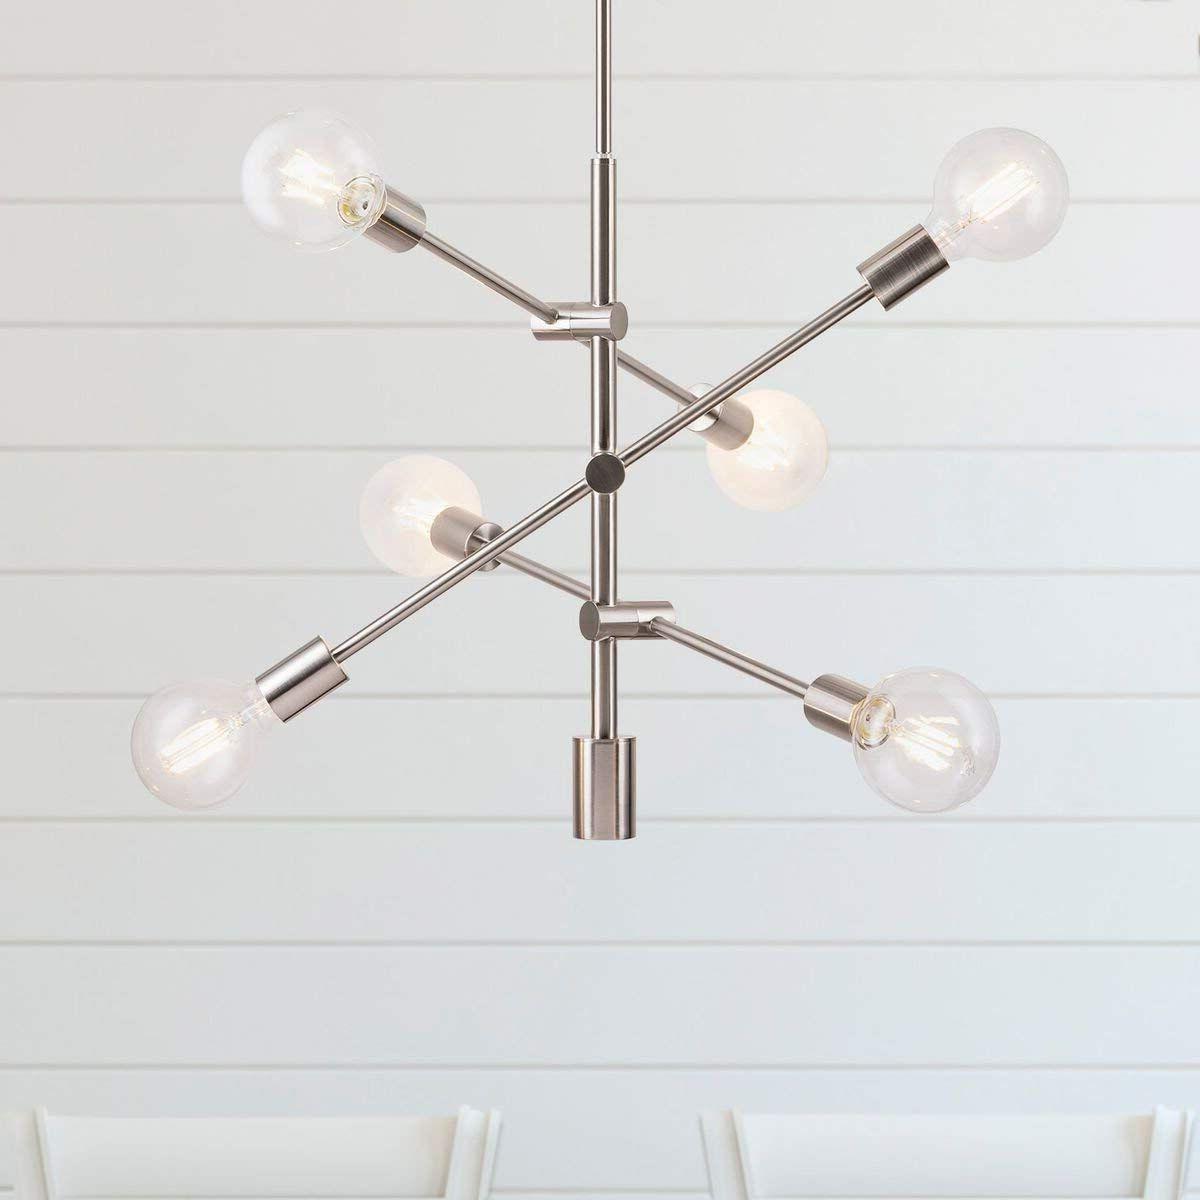 Favorite Marabella Led Sputnik Chandelier Light Fixture, Brushed Pertaining To Johanne 6 Light Sputnik Chandeliers (View 8 of 20)